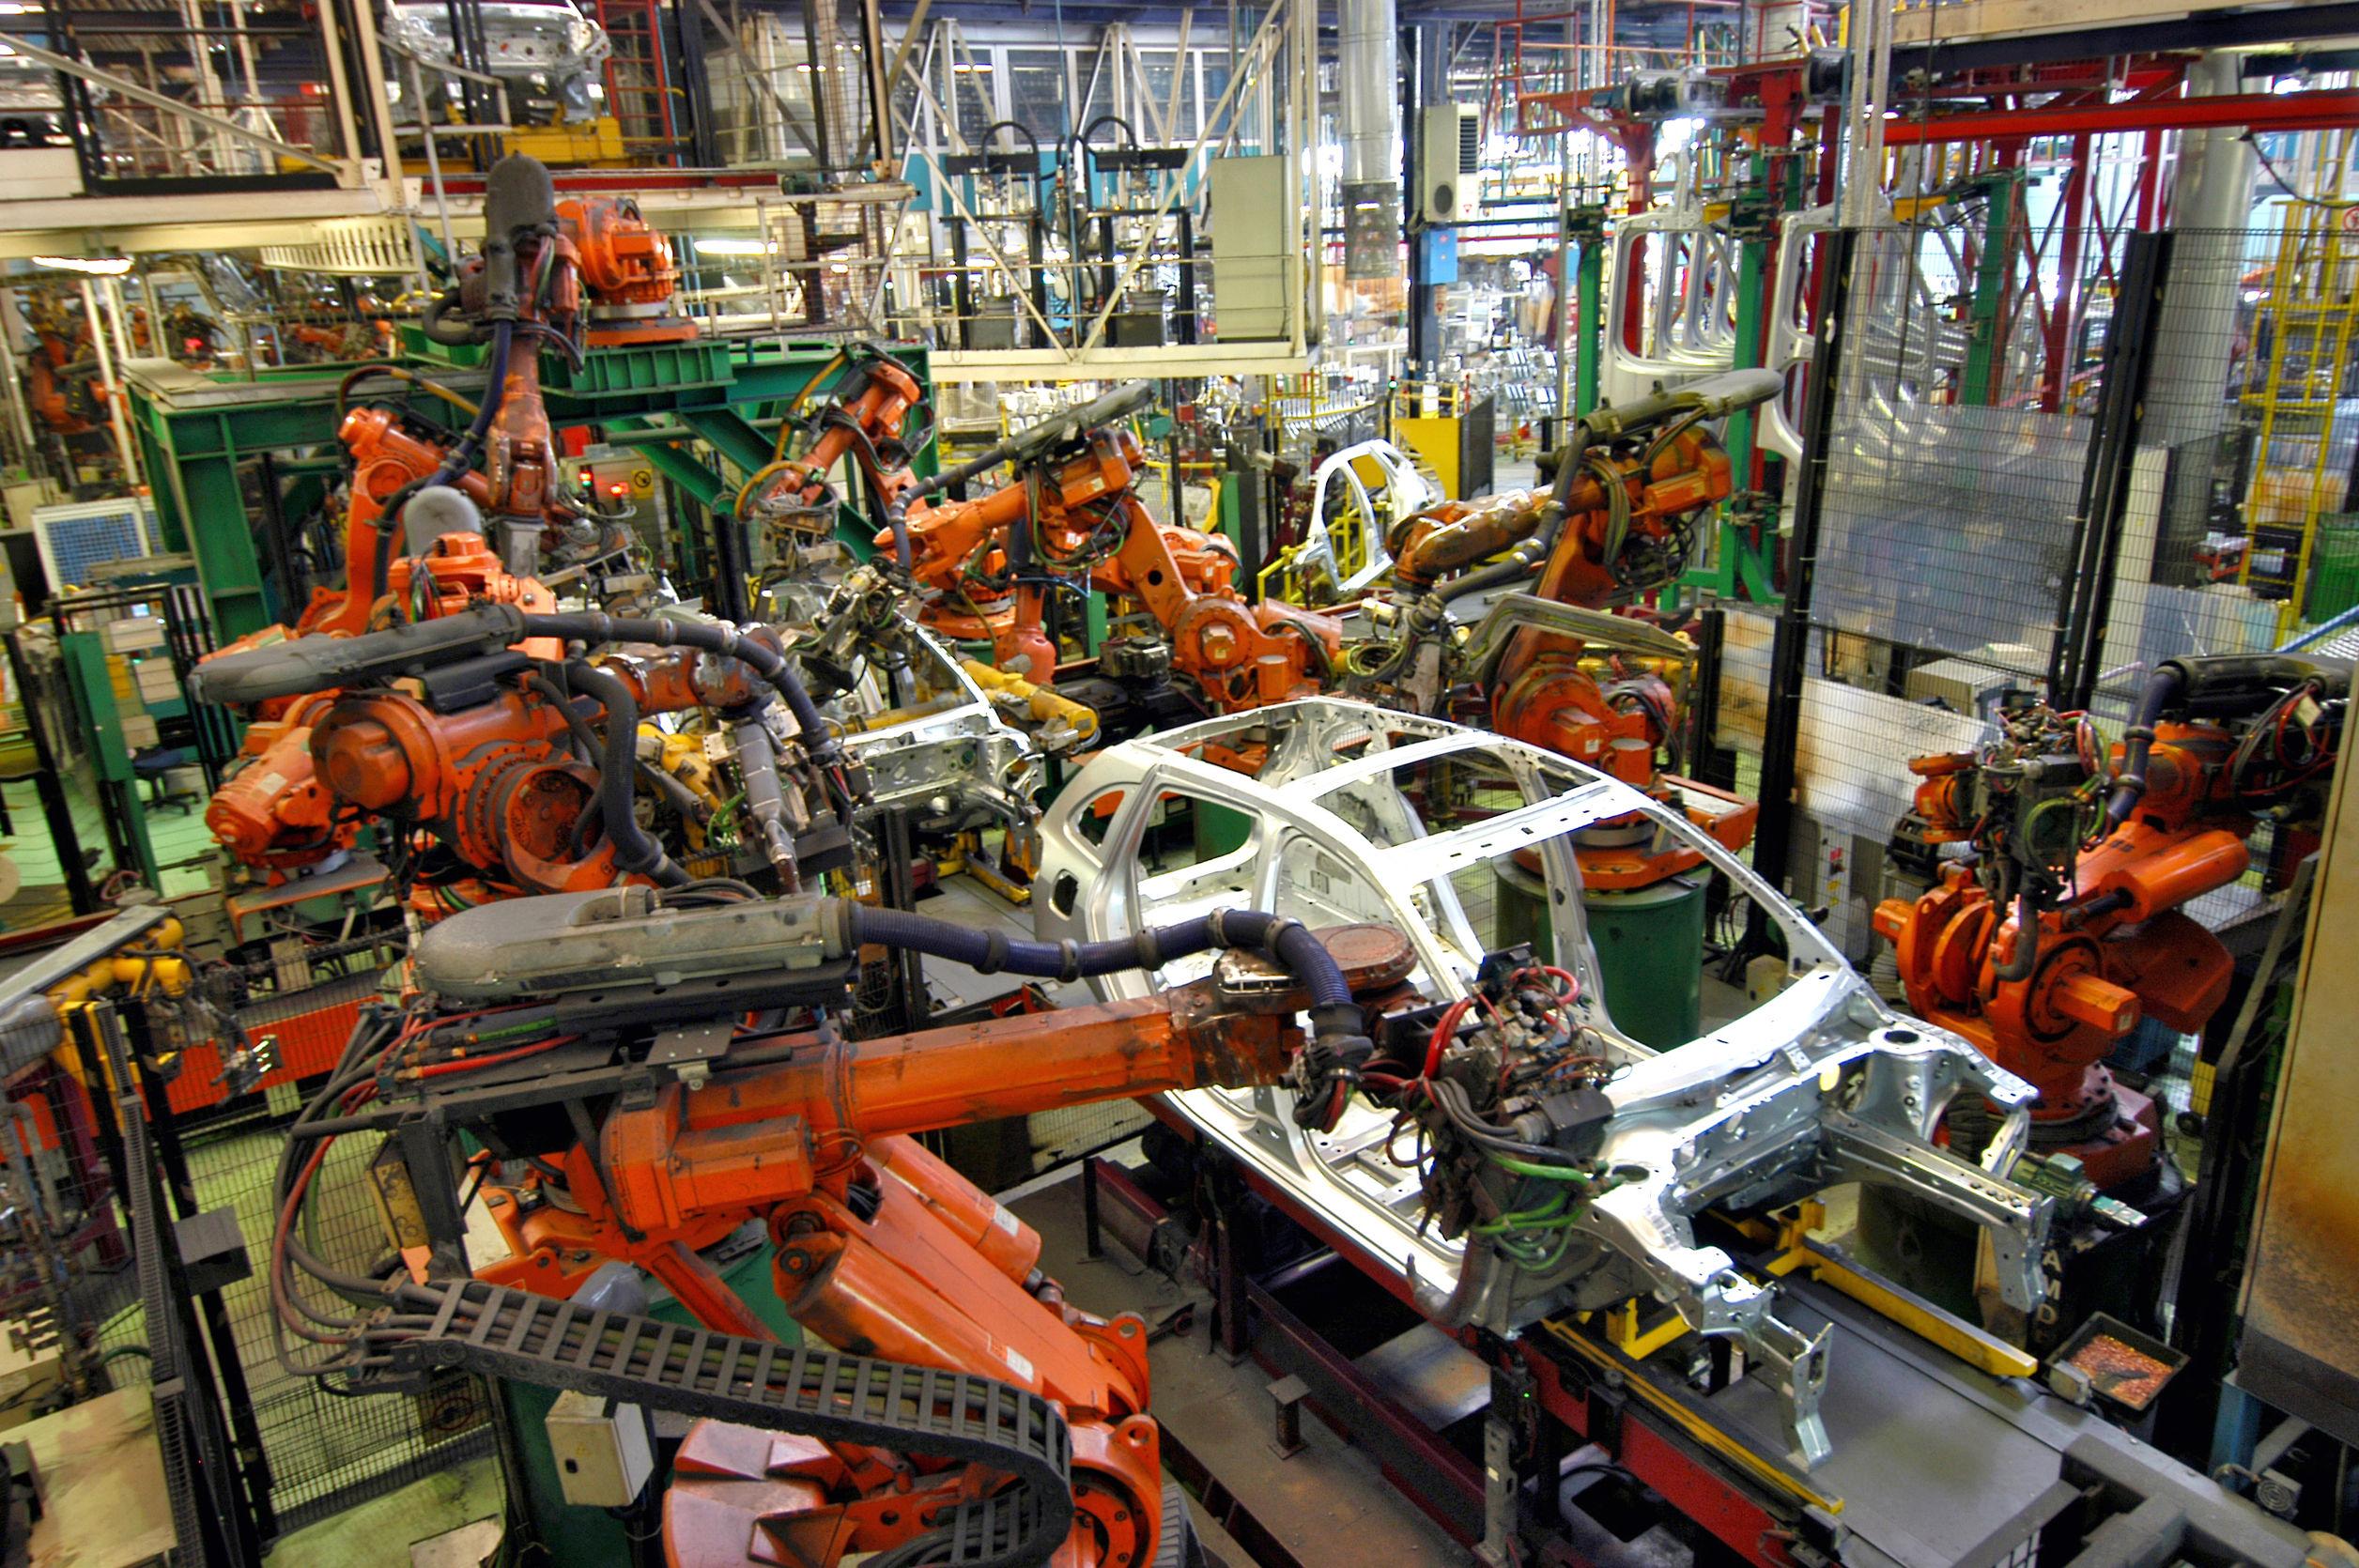 Cómo la Industria Automotriz Está Utilizando Rodajas Industriales de Uso Pesado para Mejorar la Fabricación